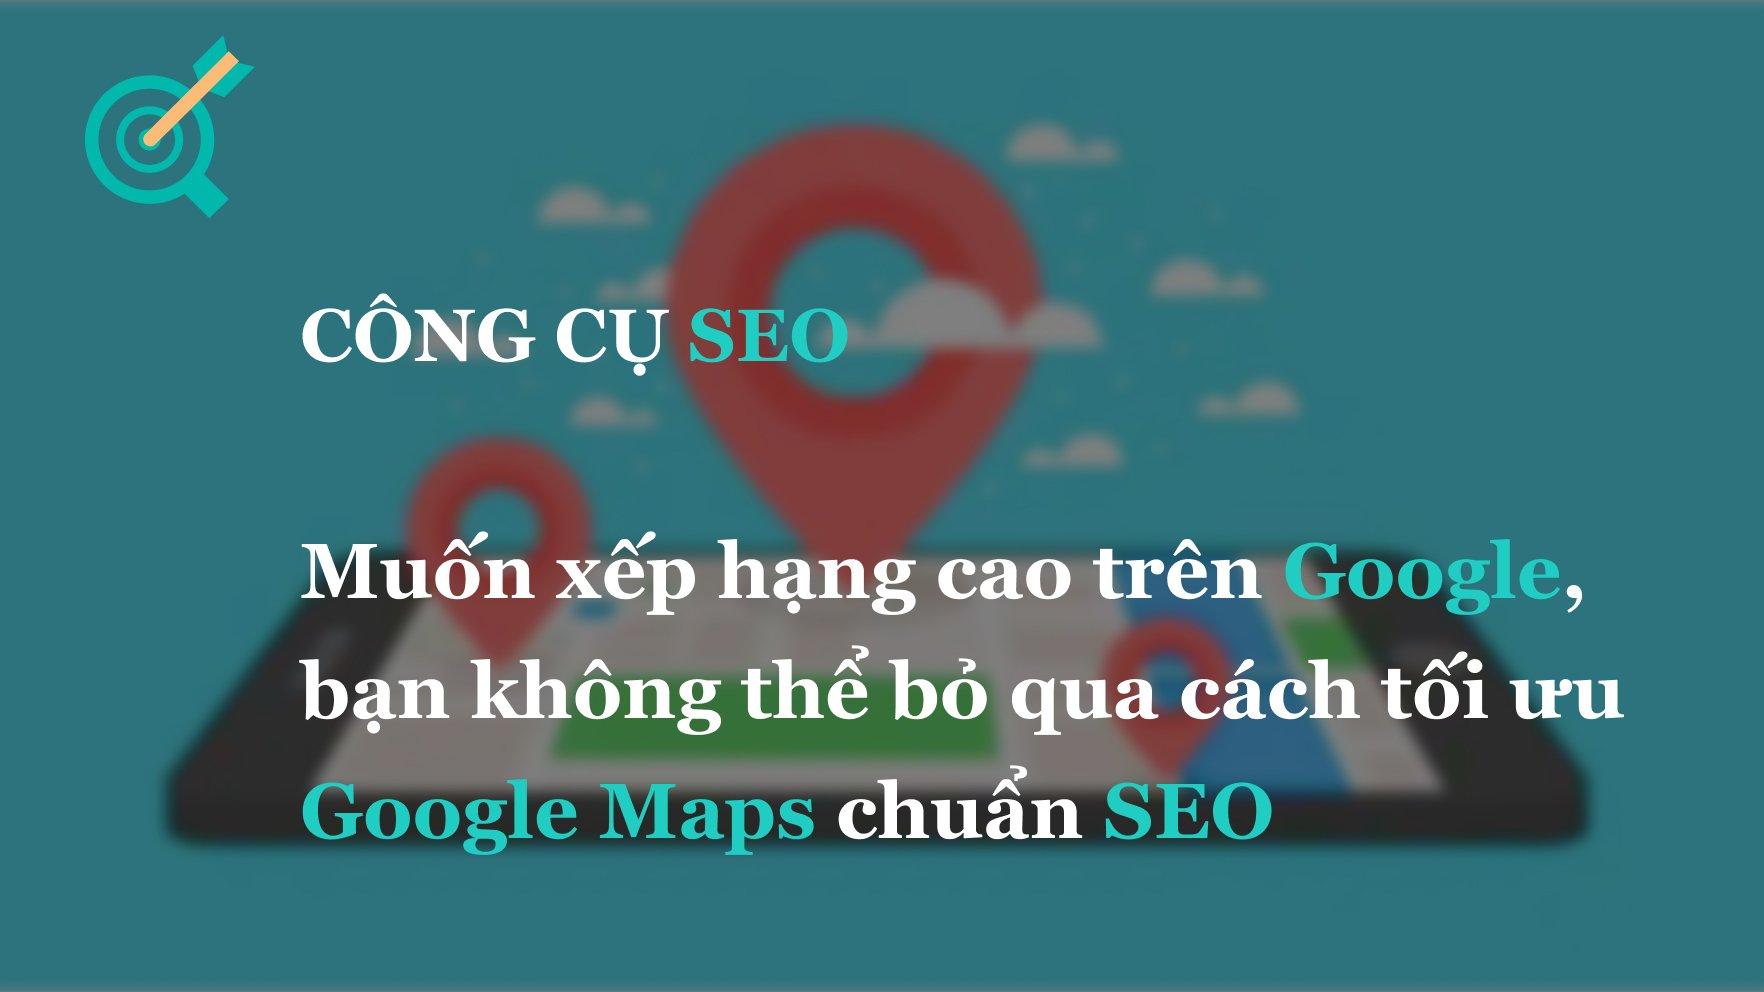 Muốn xếp hạng cao trên Google, bạn không thể bỏ qua cách tối ưu Google Maps chuẩn SEO